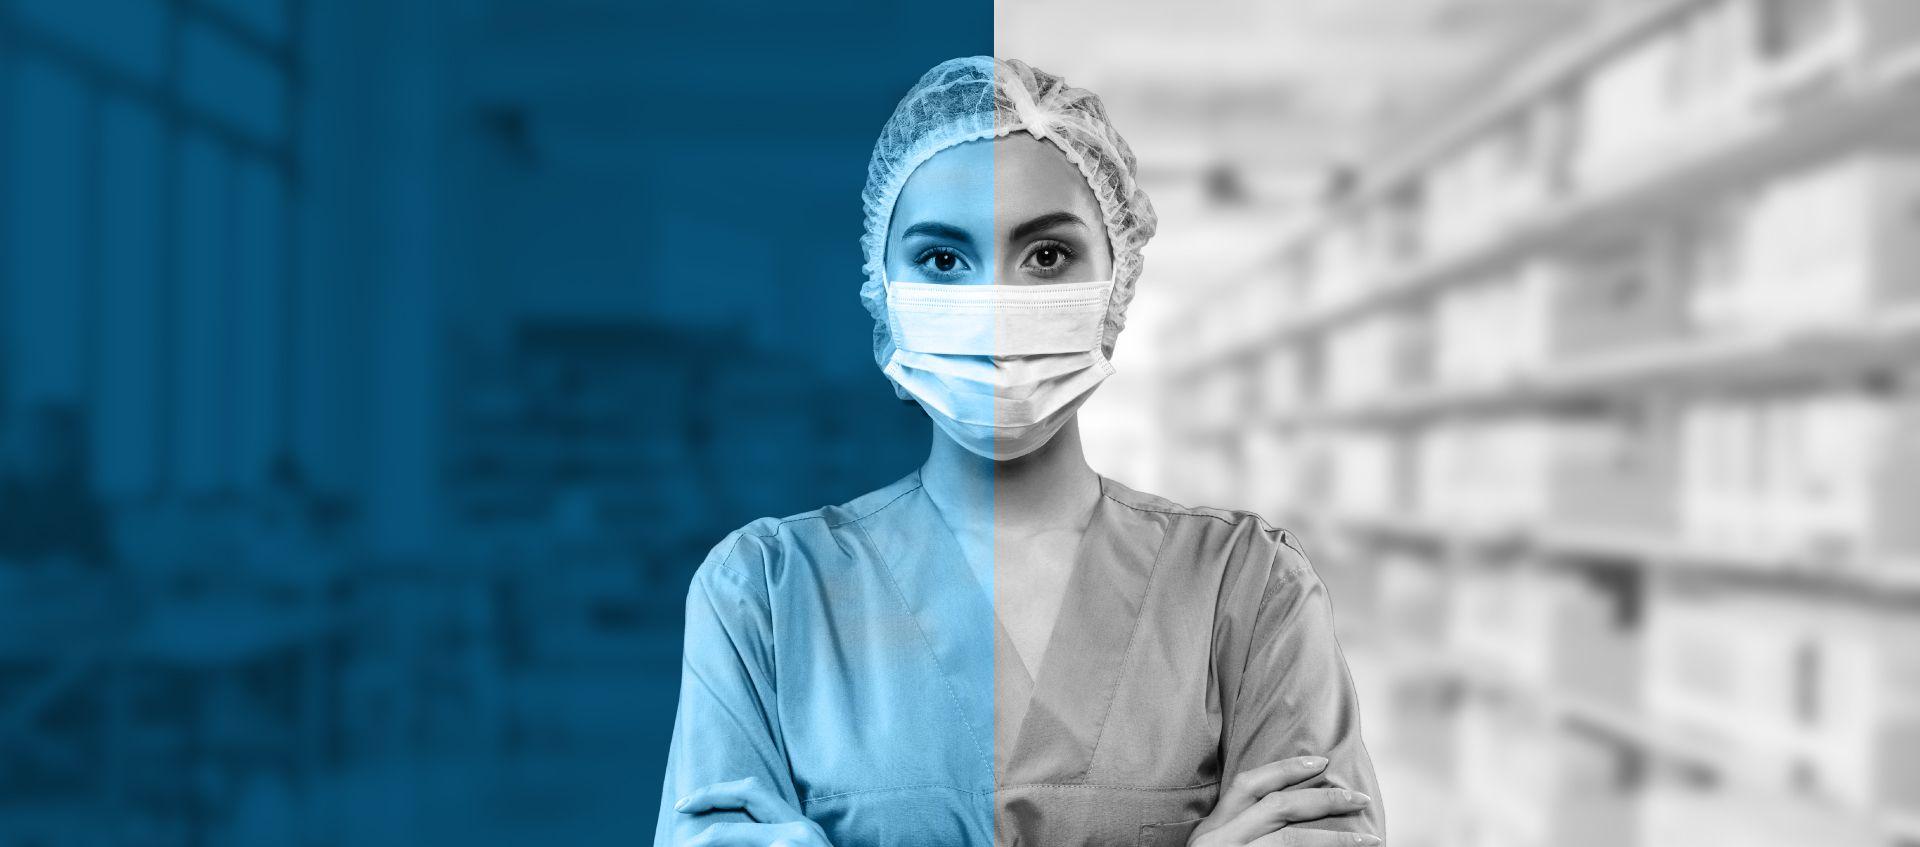 Curso Técnico em Enfermagem em Porto Alegre | Factum Graduação e Cursos Técnicos